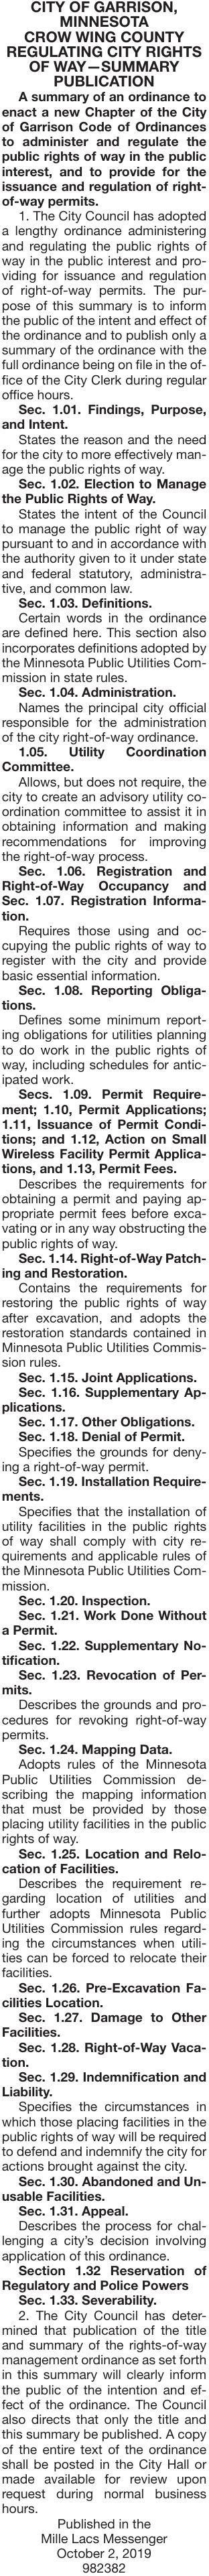 Regulating Rights of Ways